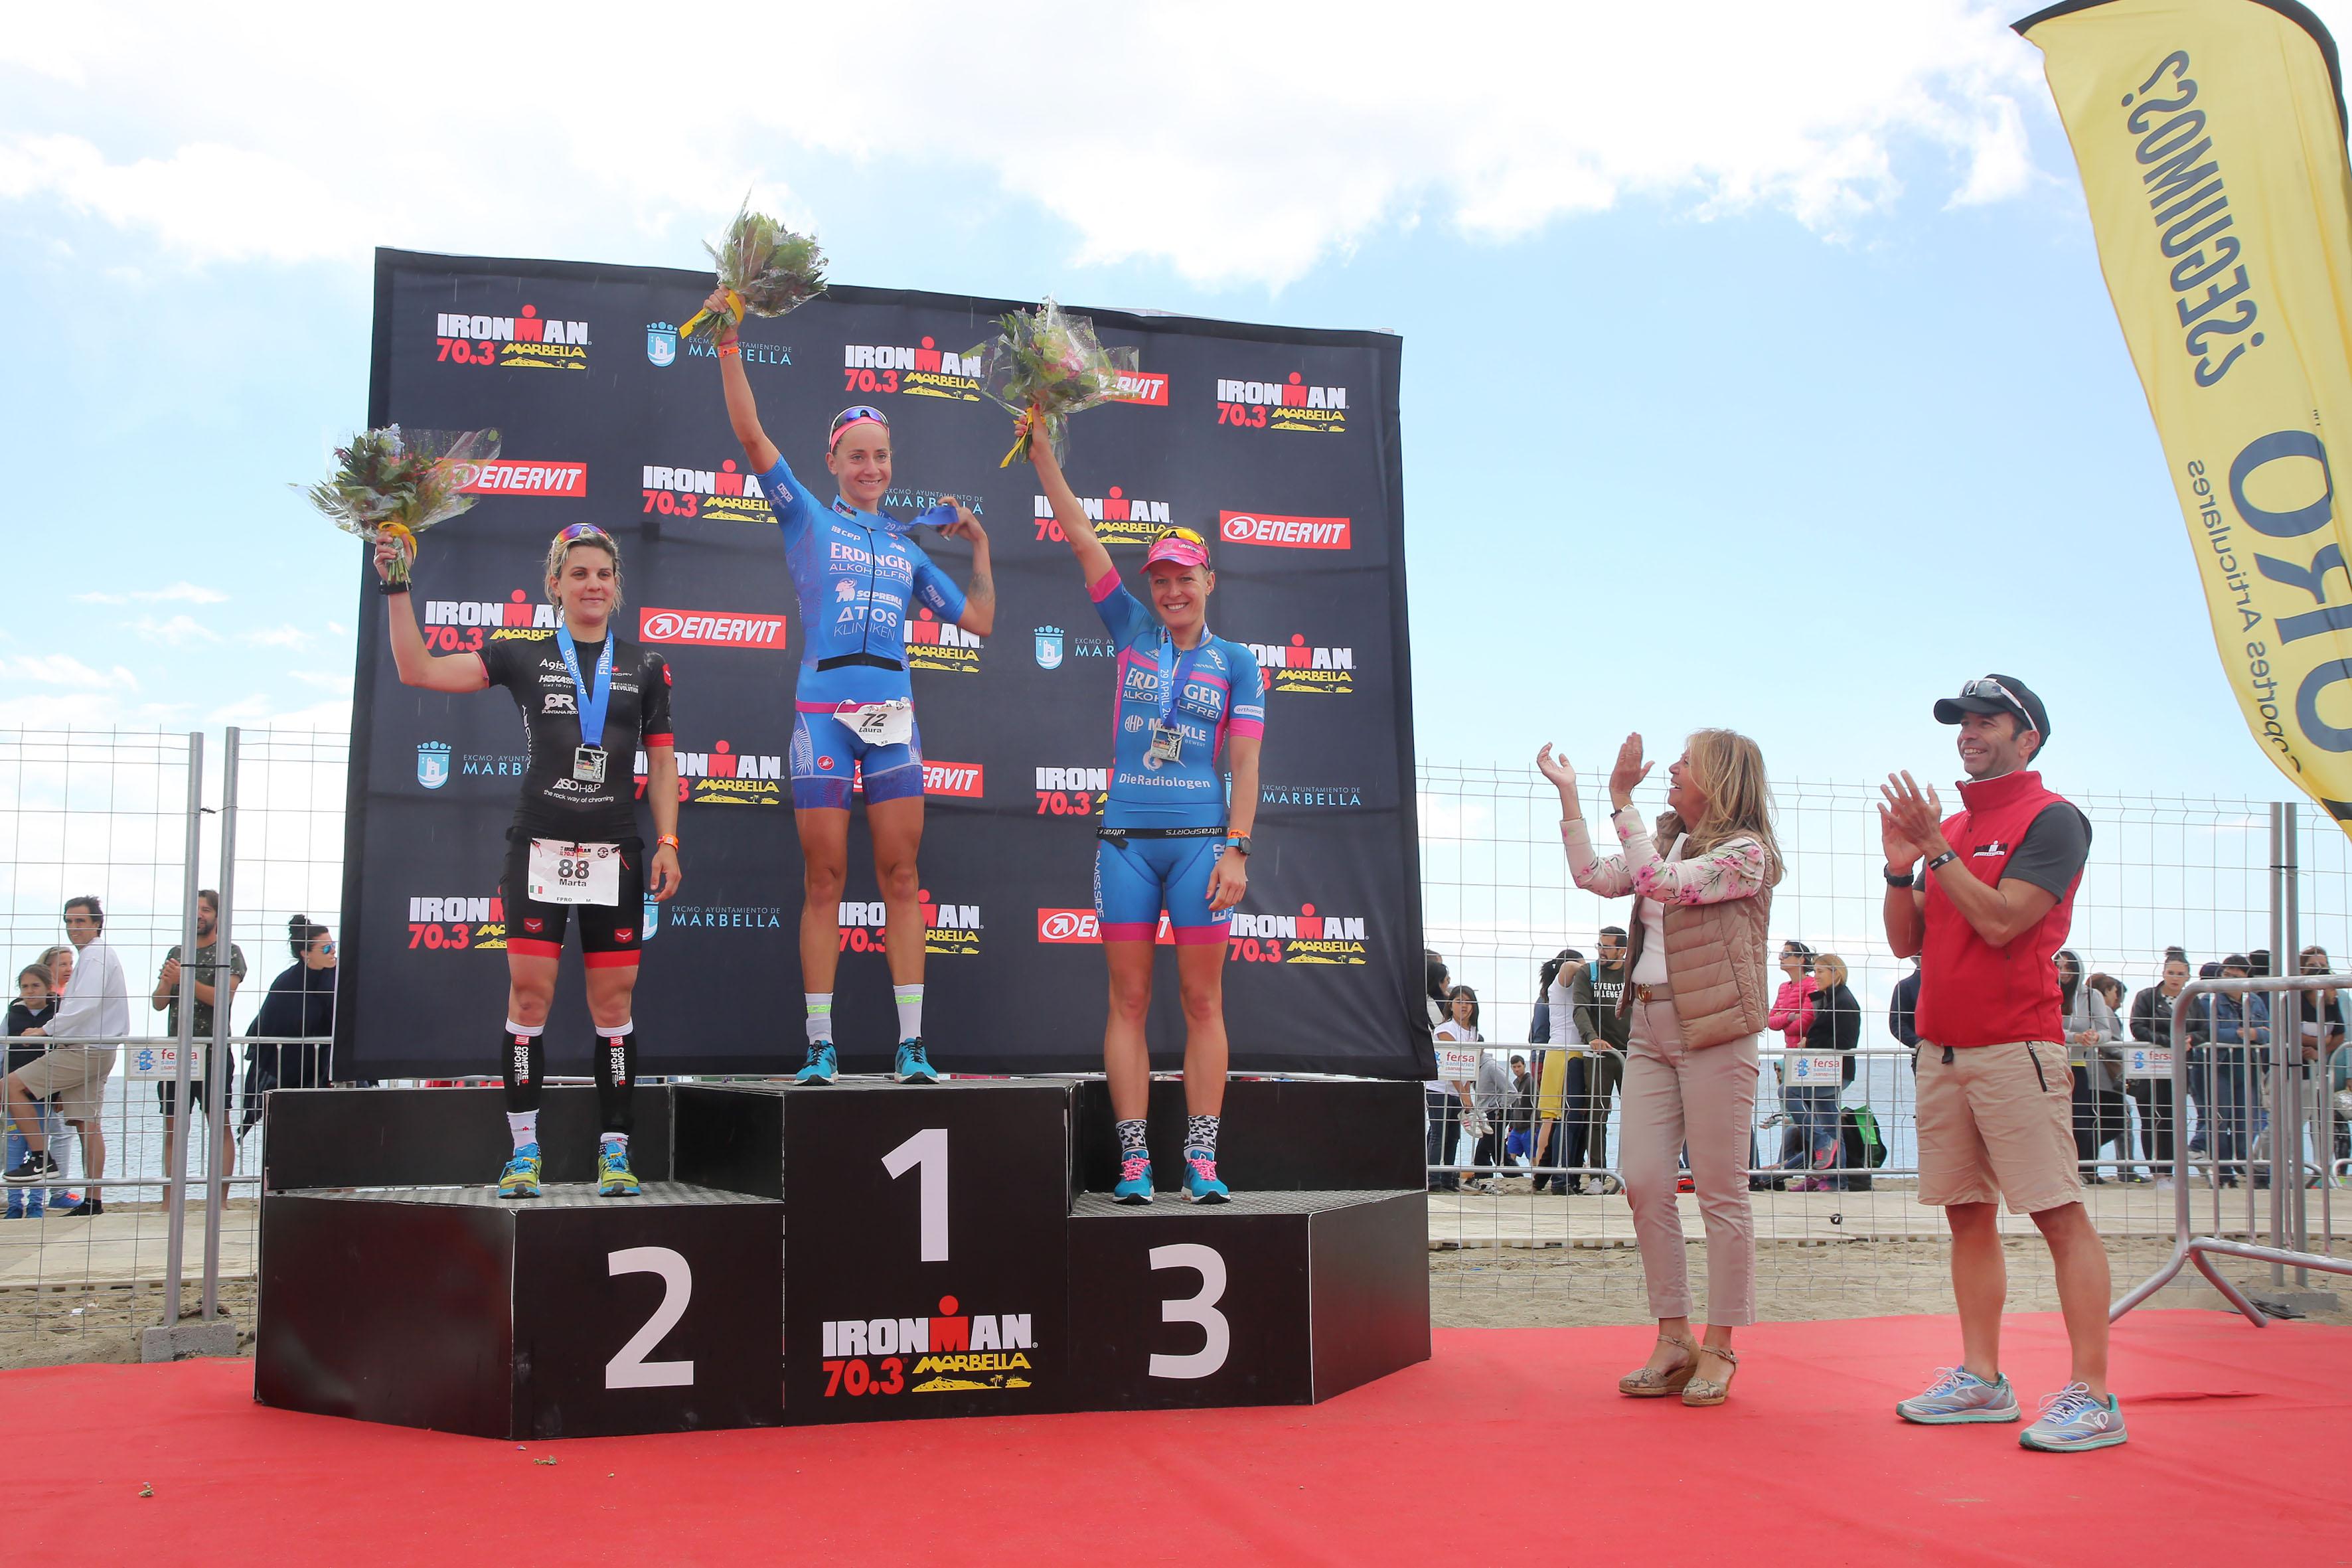 Il podio femminile dell'Ironman 70.3 Marbella 2018 vinto dalla tedesca Laura Philipp davanti alla nostra Marta Bernardi